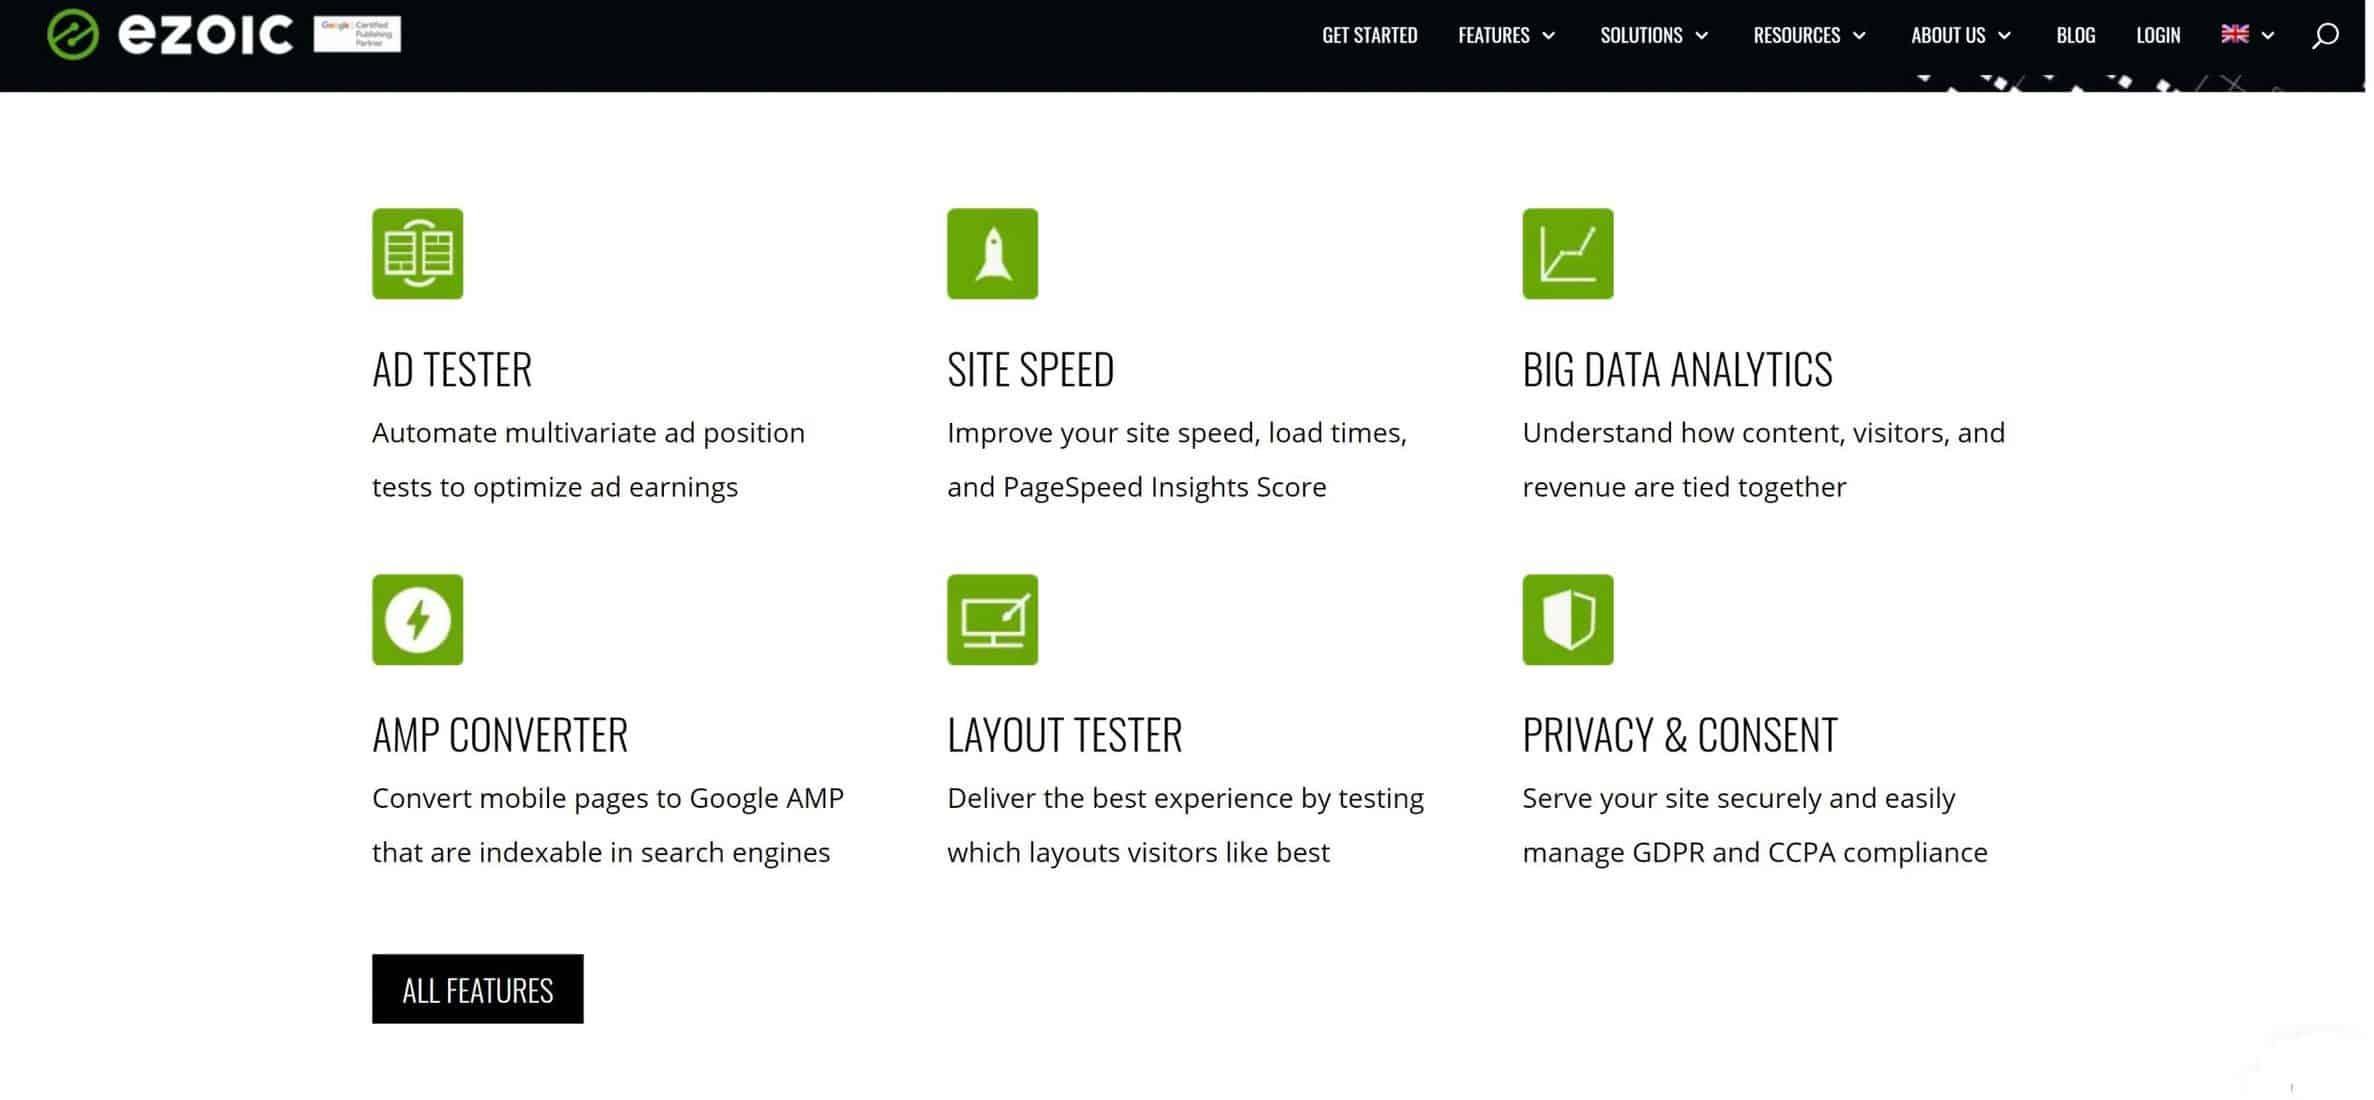 مراجعة Ezoic: تعلم كيفية زيادة أرباح إعلانات AdSense تلقائيًا إلى أكثر من 50%